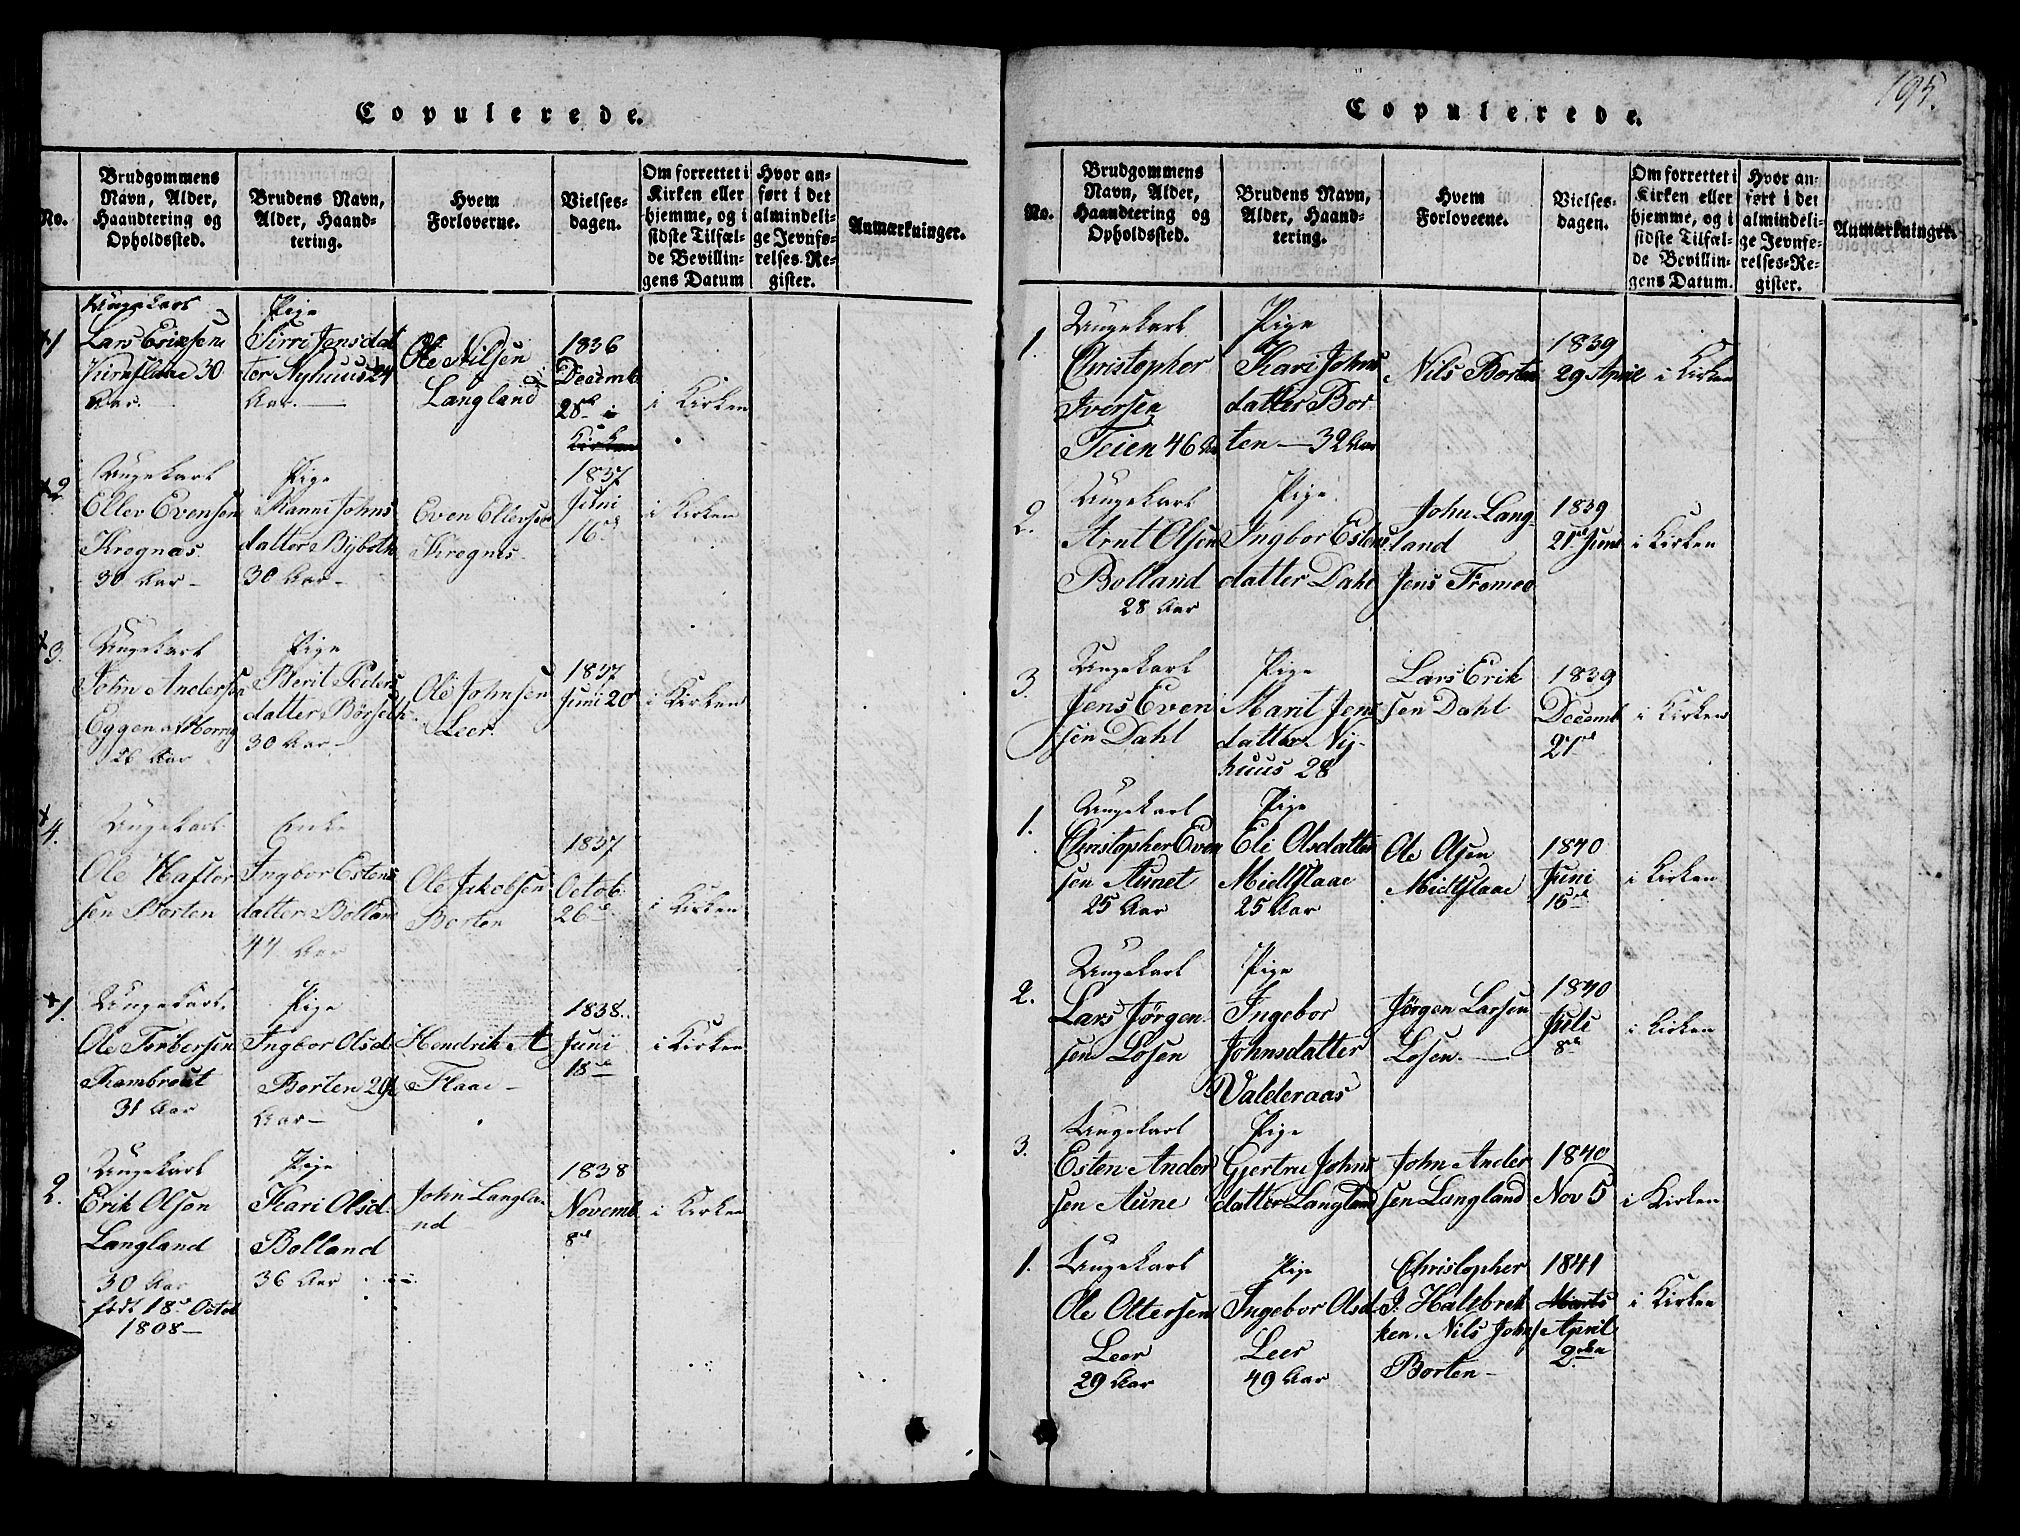 SAT, Ministerialprotokoller, klokkerbøker og fødselsregistre - Sør-Trøndelag, 693/L1121: Klokkerbok nr. 693C02, 1816-1869, s. 195